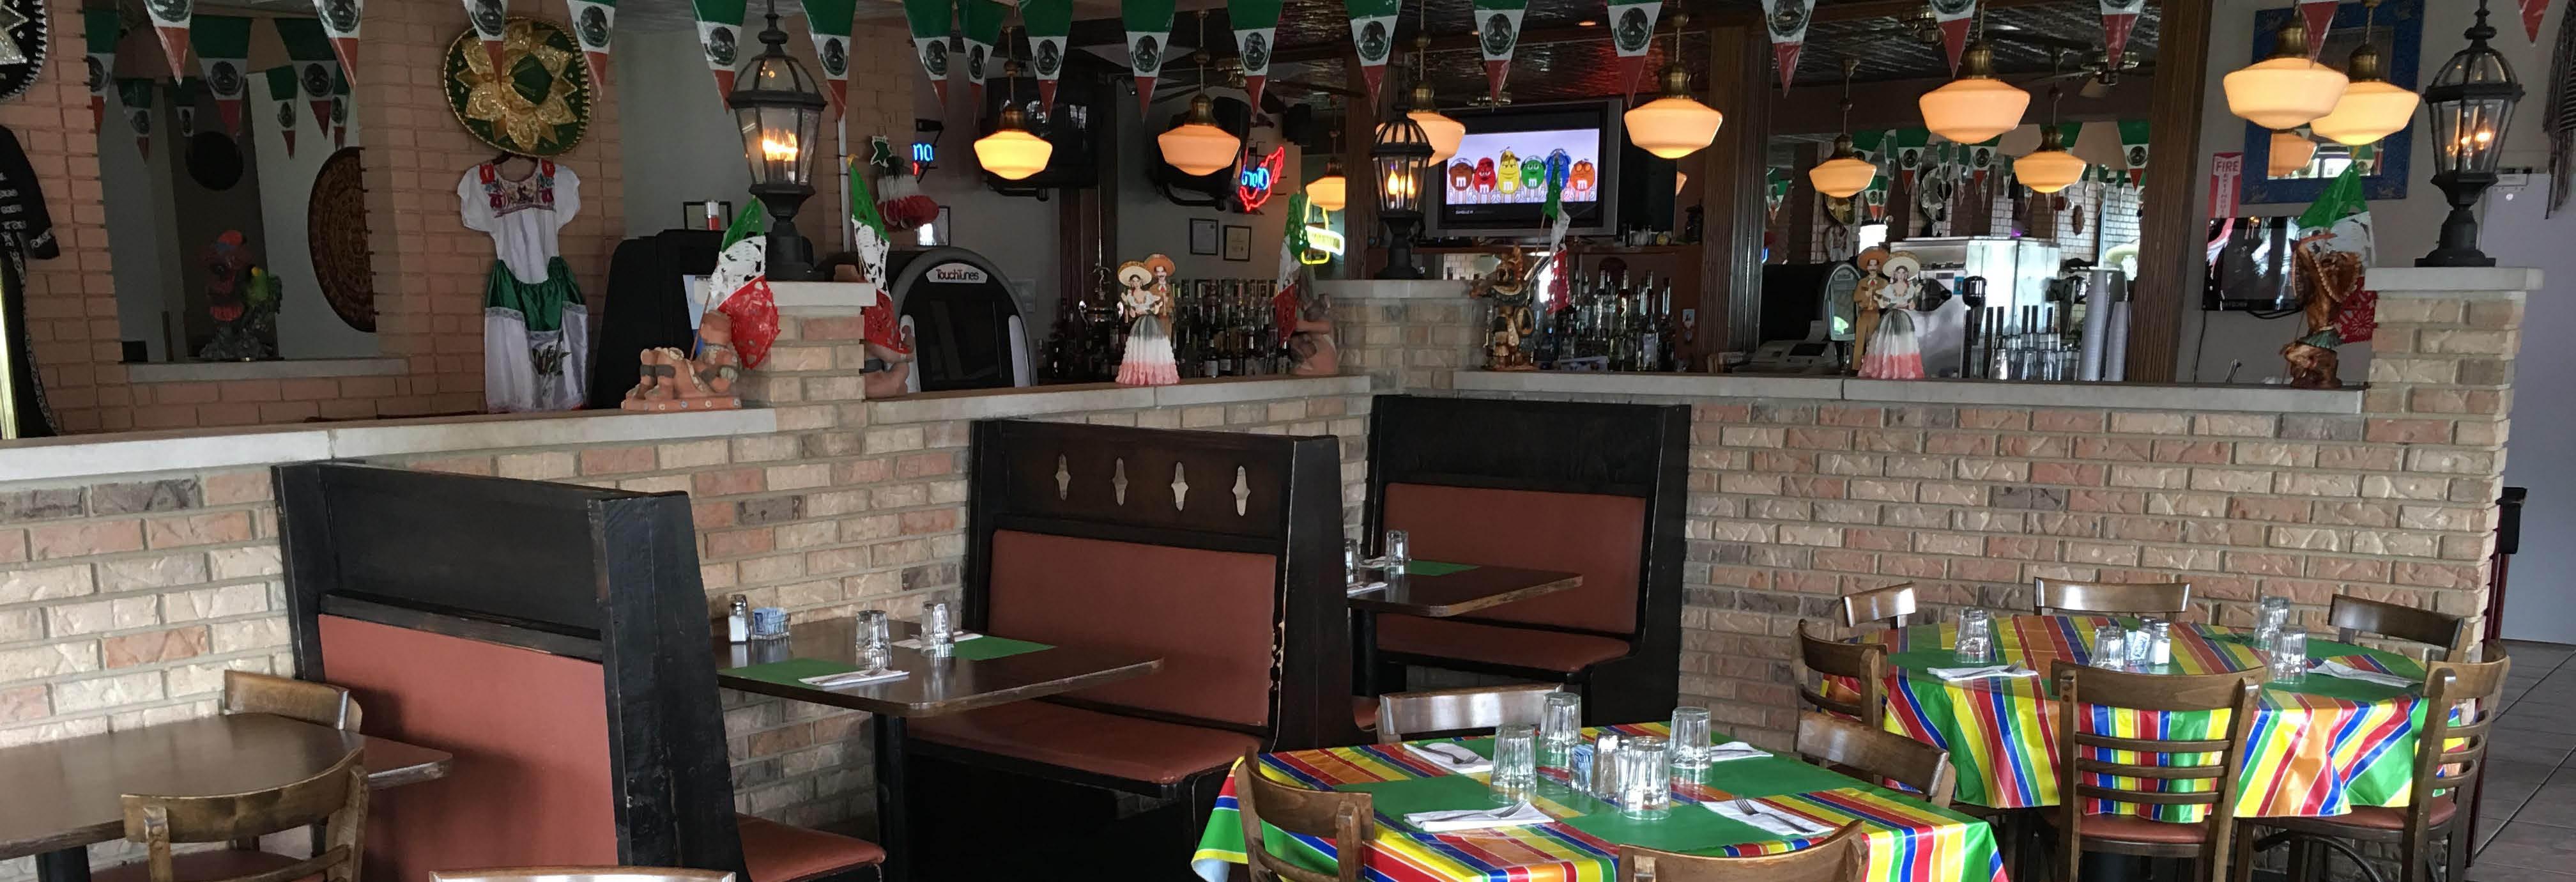 Dining room at Fiesta Azteca Restaurant in Alsip, IL.